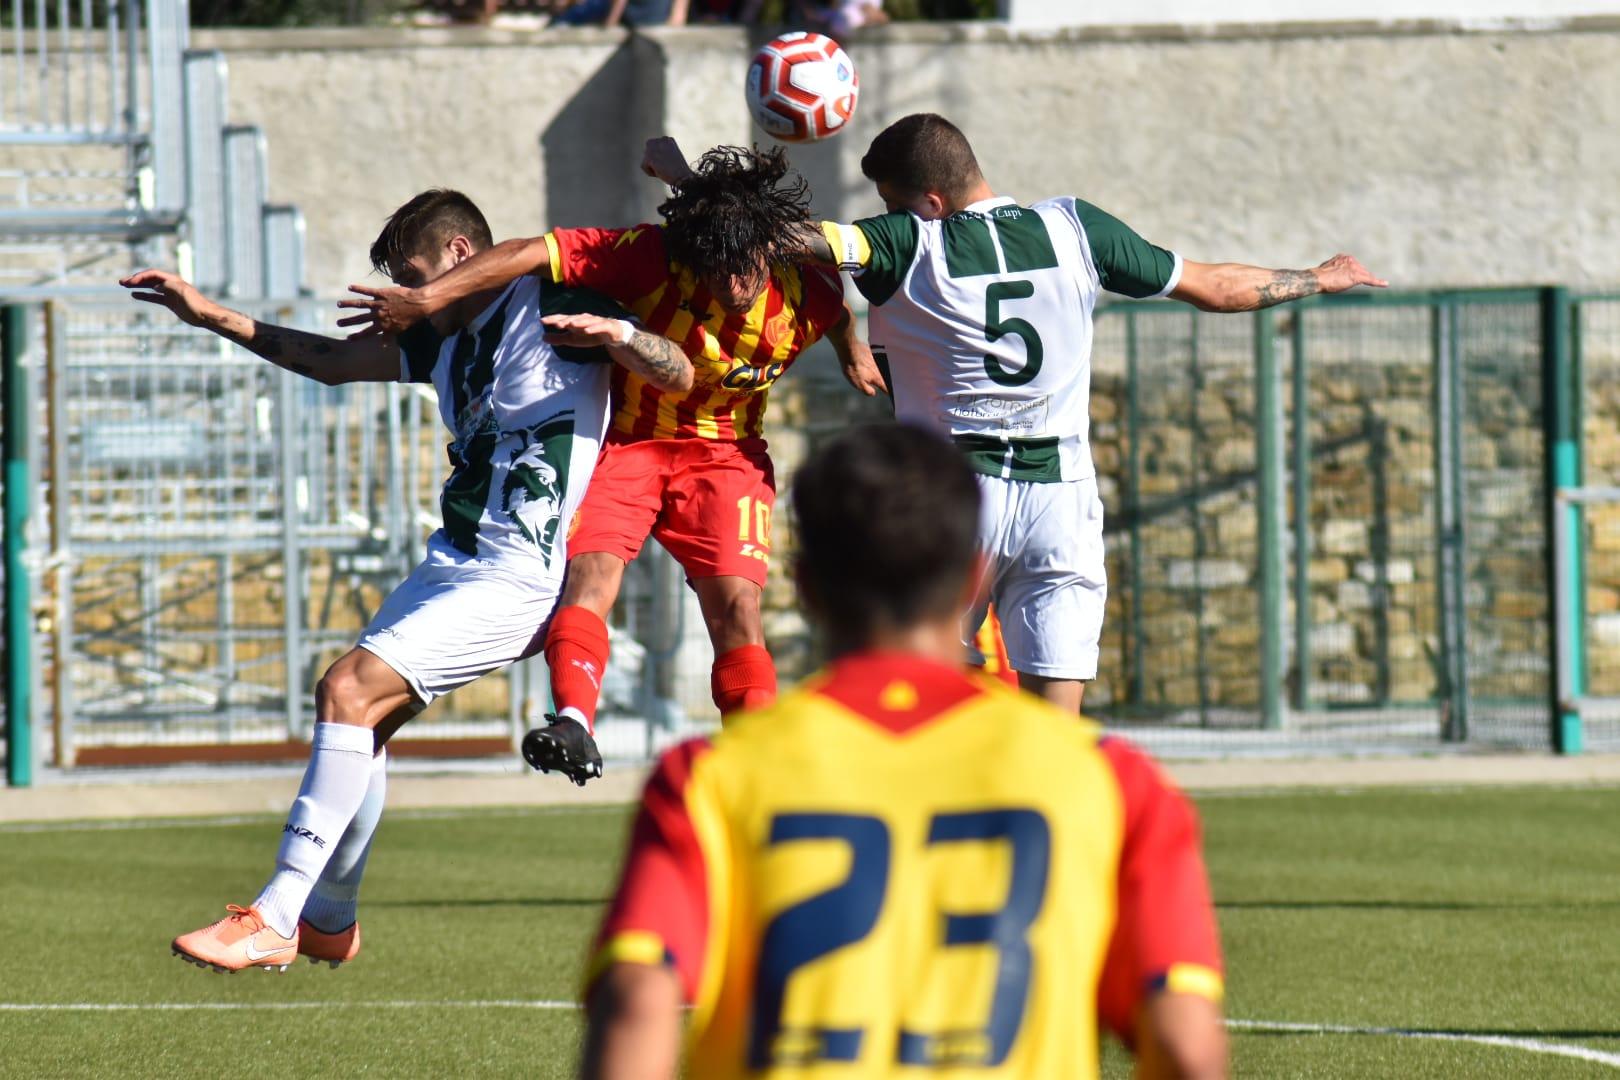 Polisportiva Santa Maria 4-0 Rotonda, parla Capozzoli